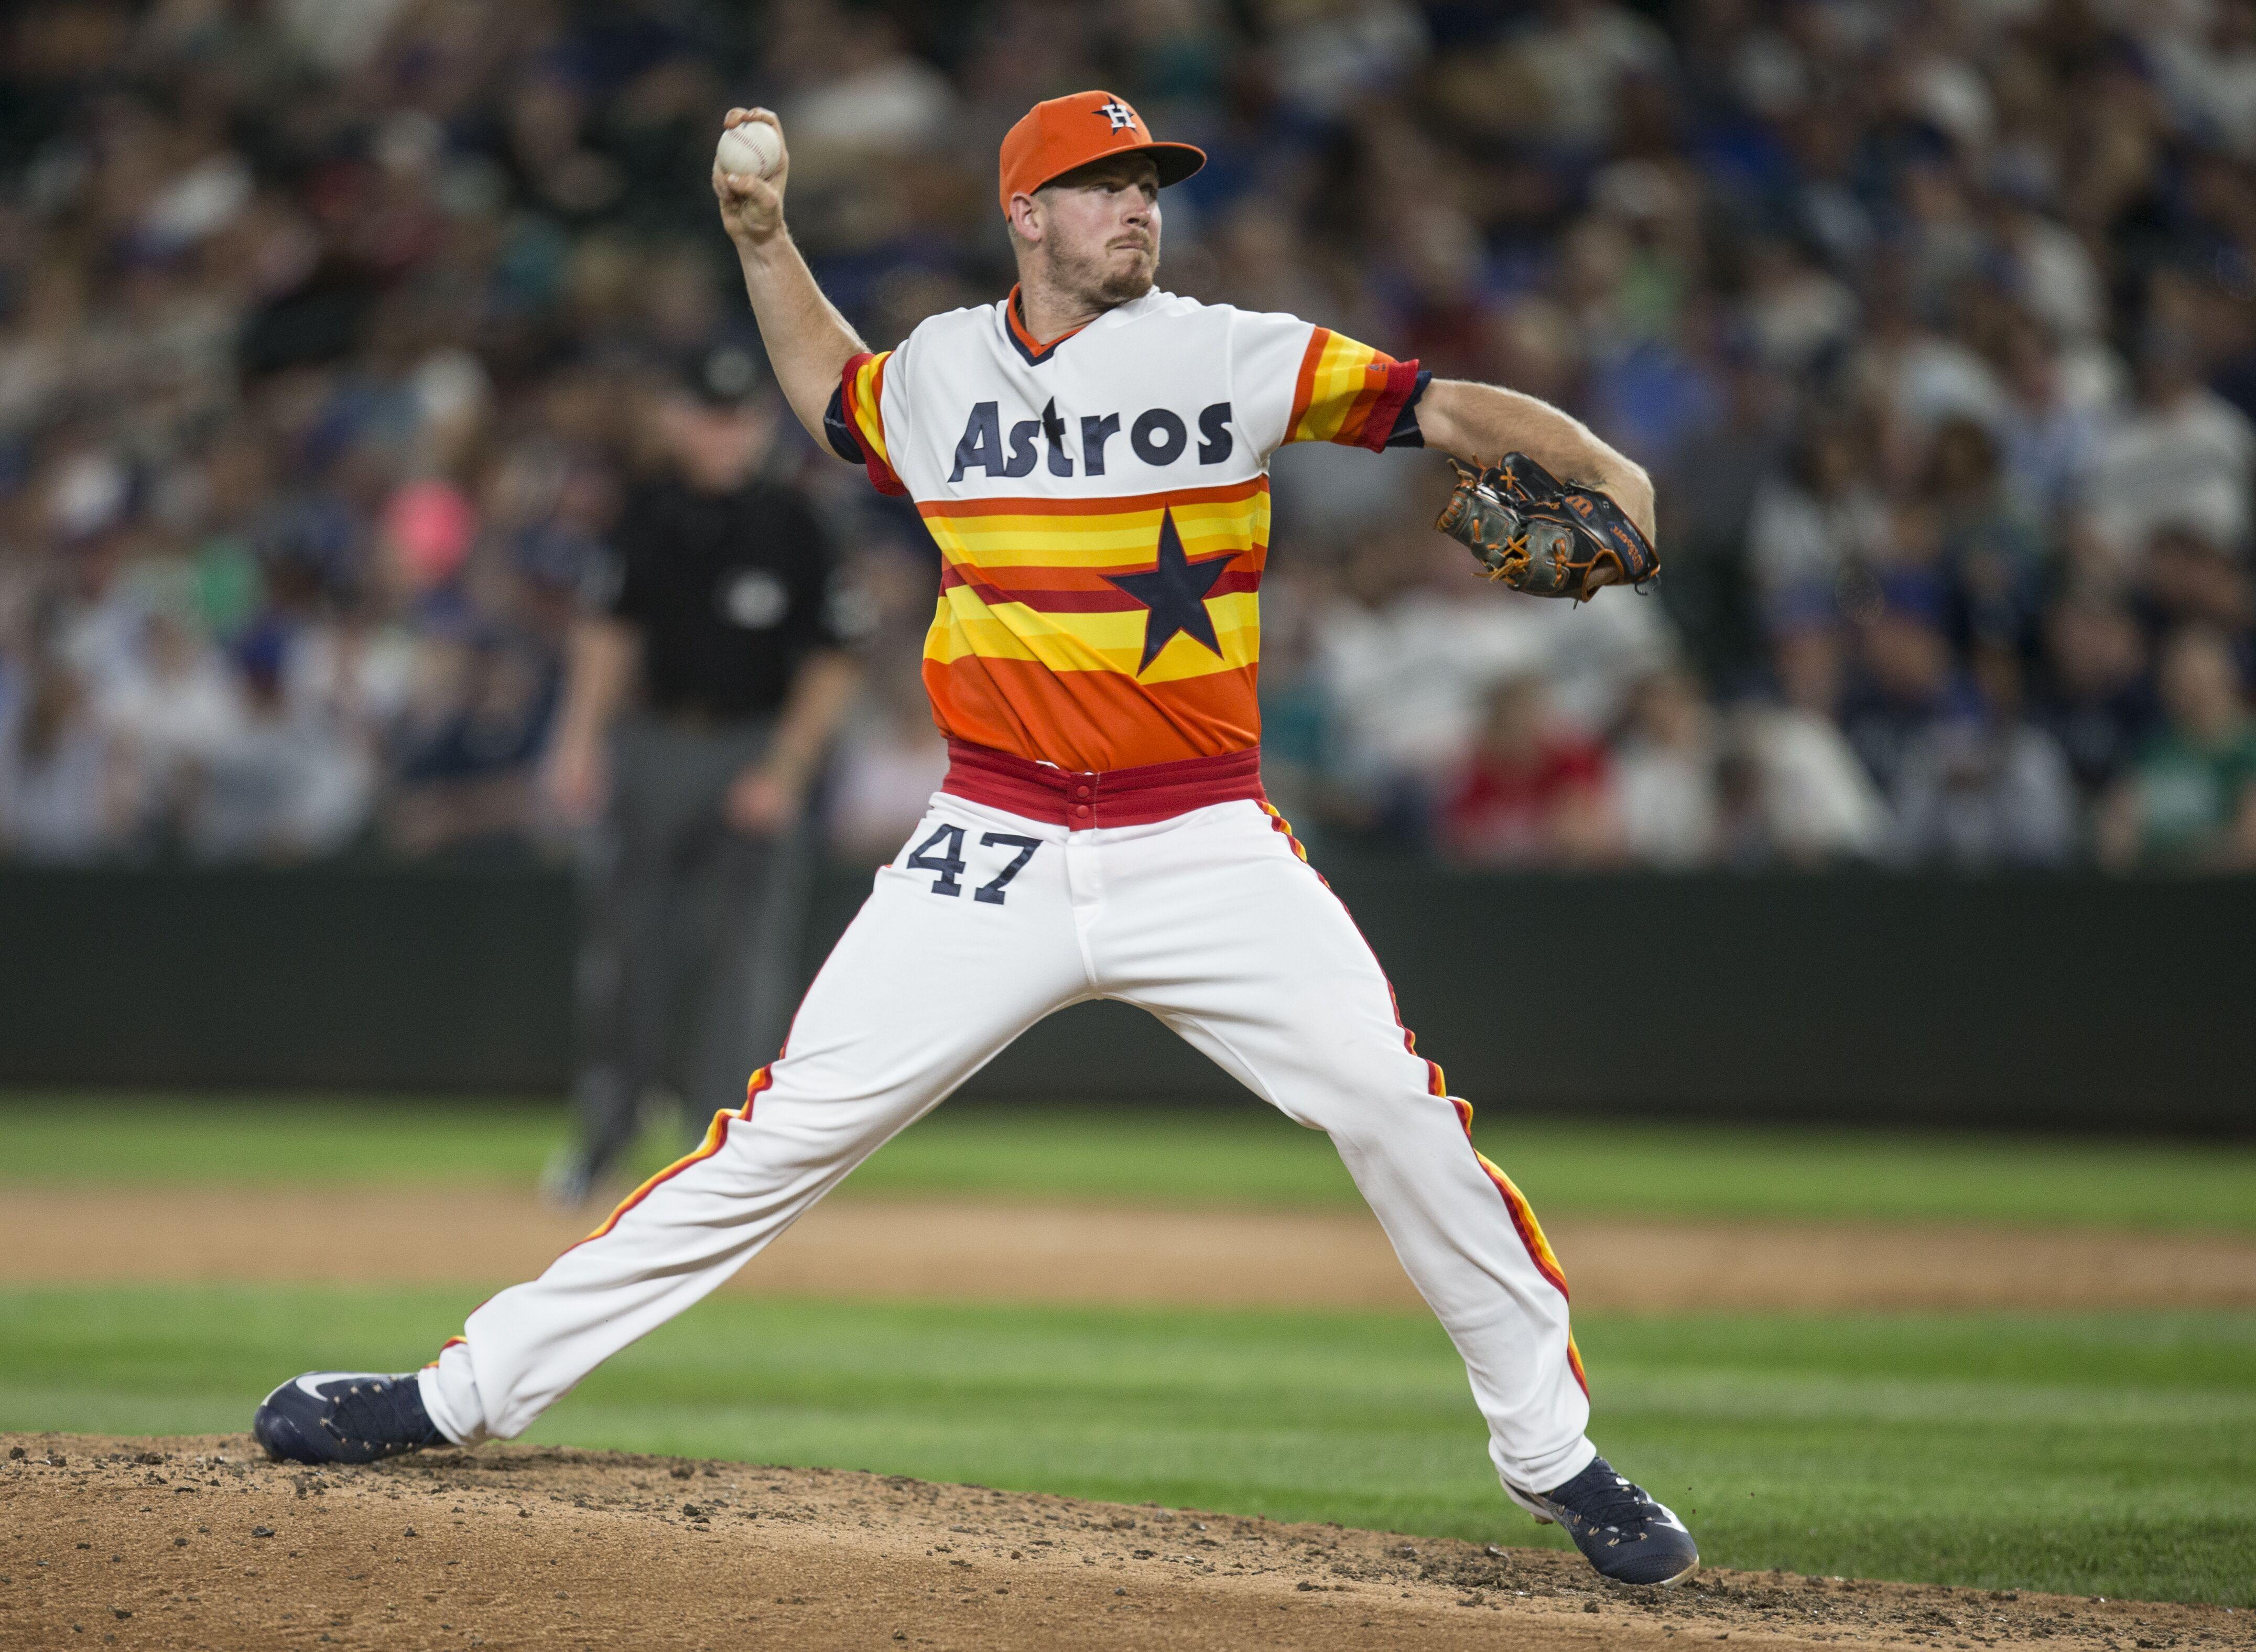 Houston Astros Chris Devenski named American League All Star